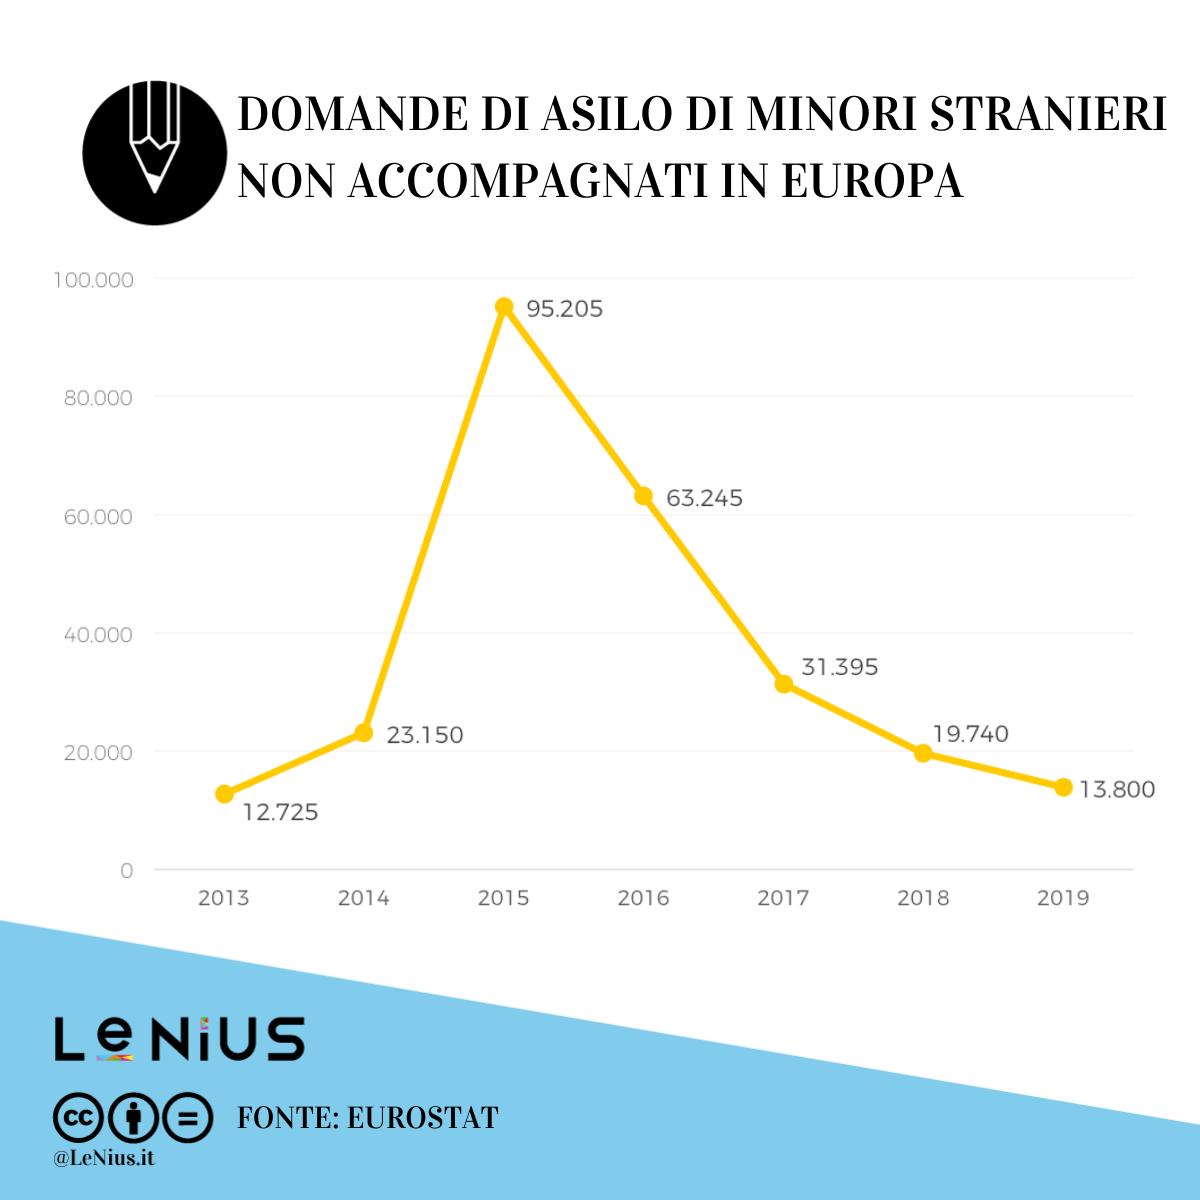 minori stranieri non accompagnati in europa 2019